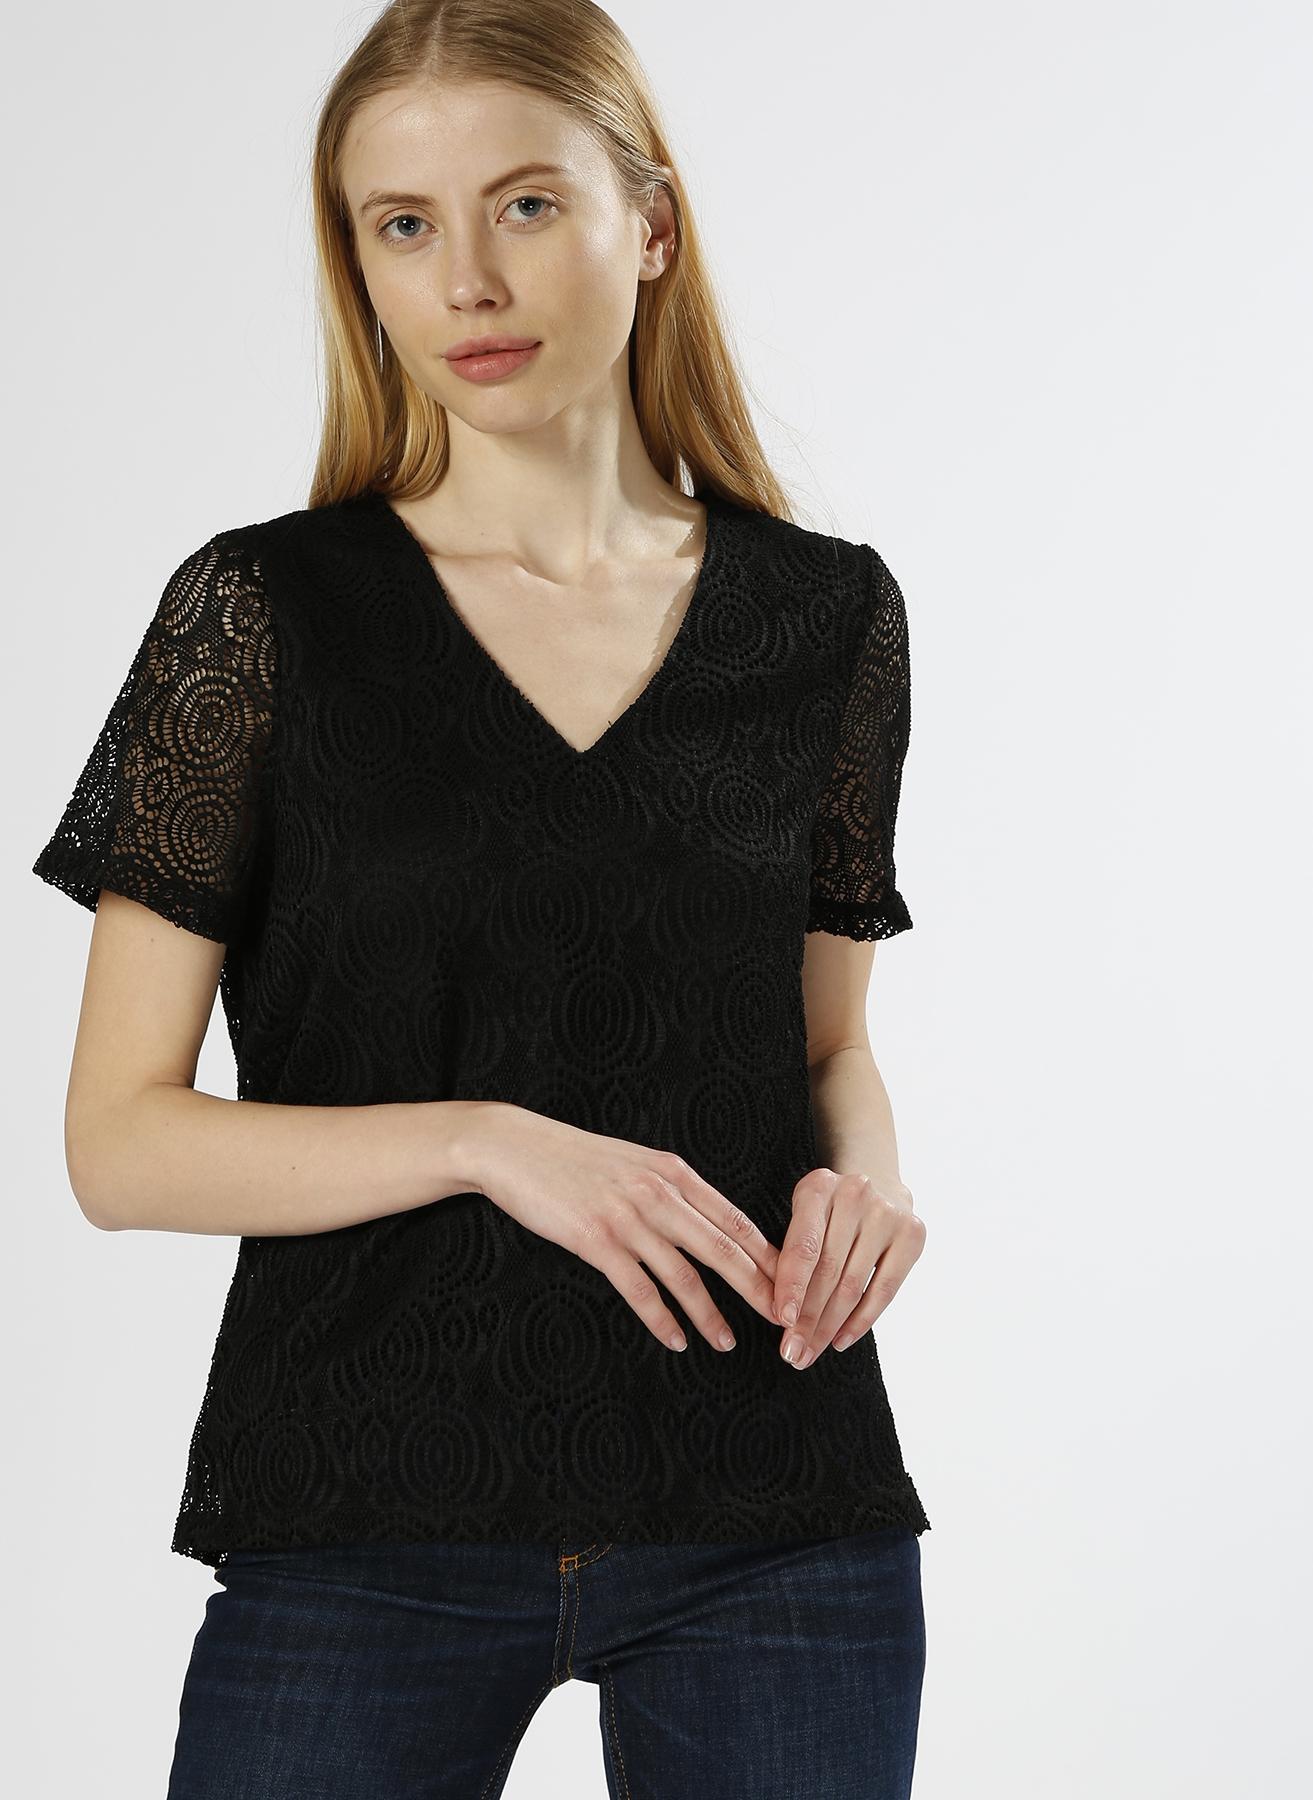 Vero Moda Dantelli Siyah T-Shırt XS 5000196131004 Ürün Resmi